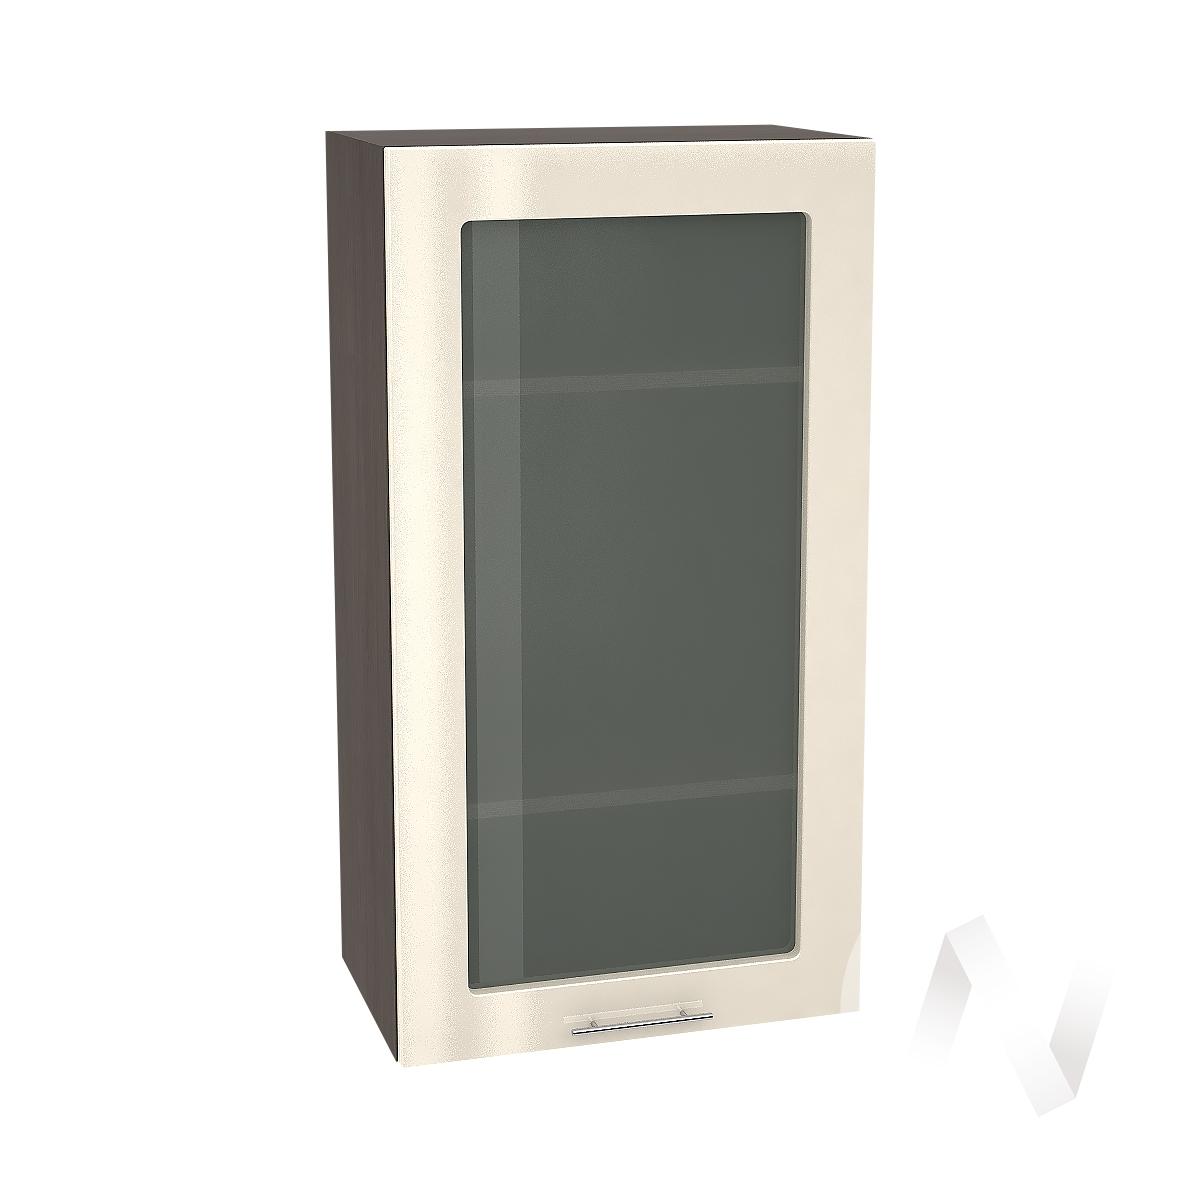 """Кухня """"Валерия-М"""": Шкаф верхний со стеклом 509, ШВС 509 (Ваниль глянец/корпус венге)"""